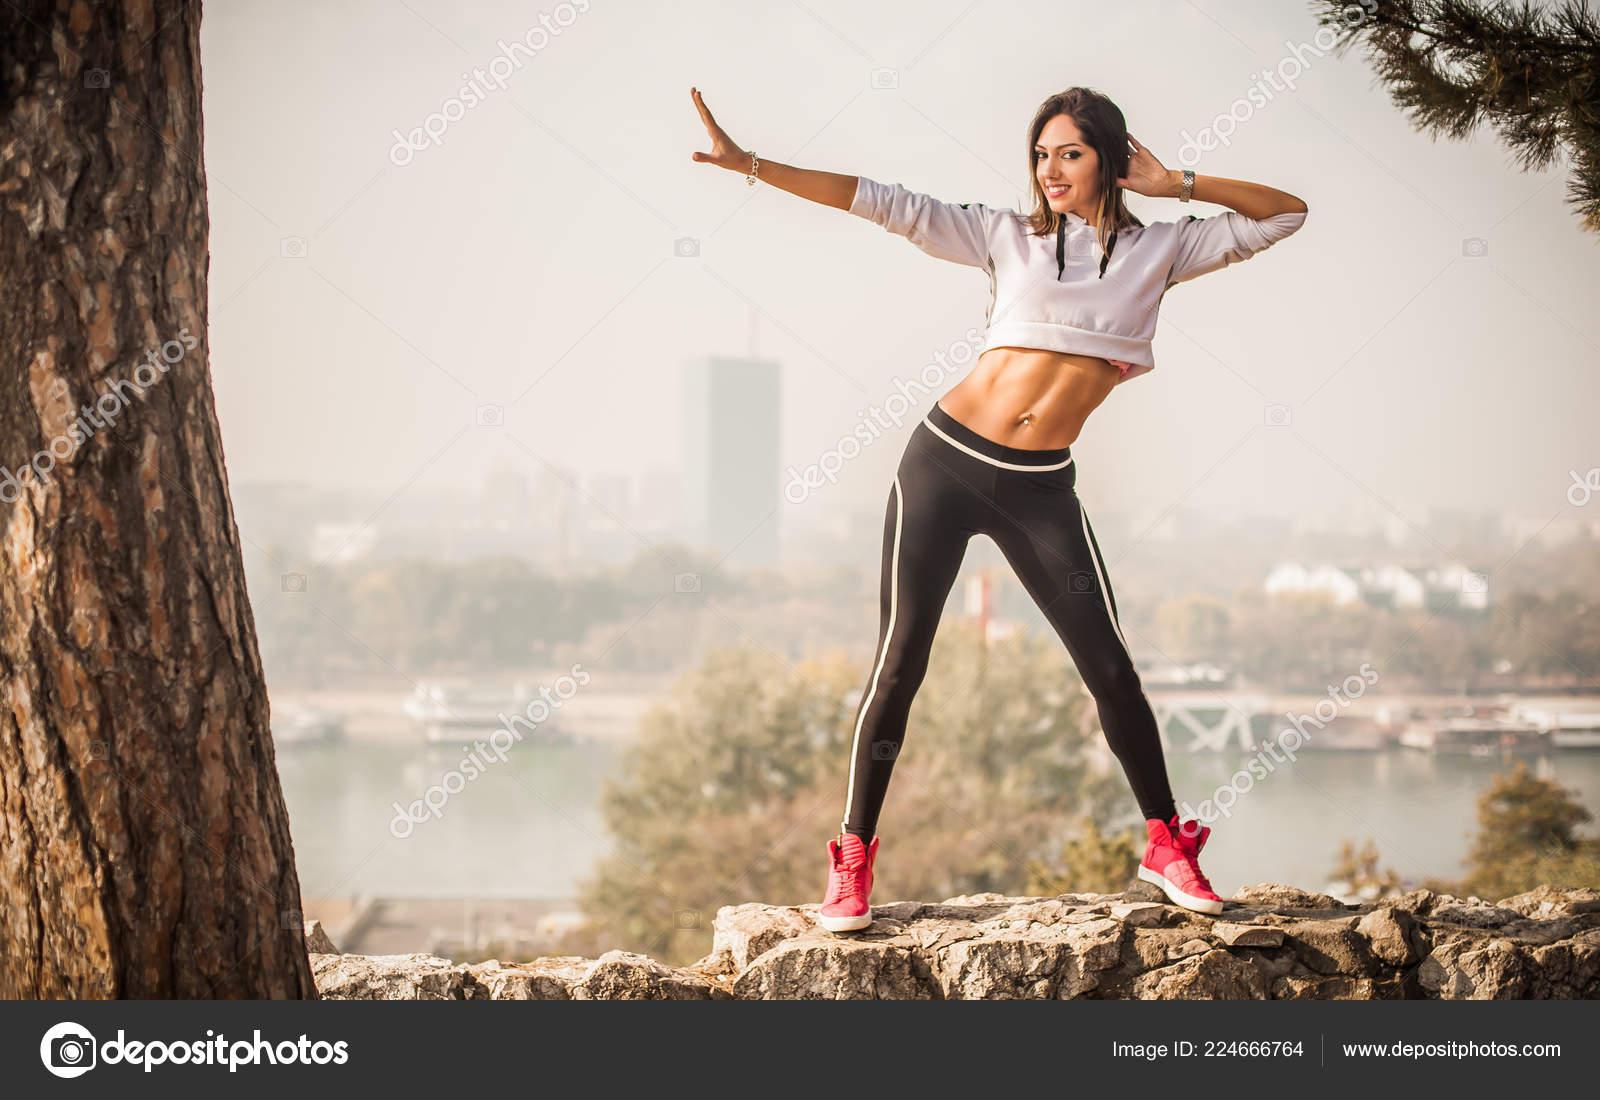 Instrutor Fitness Dança Zumba Fazendo Esporte Exercícios